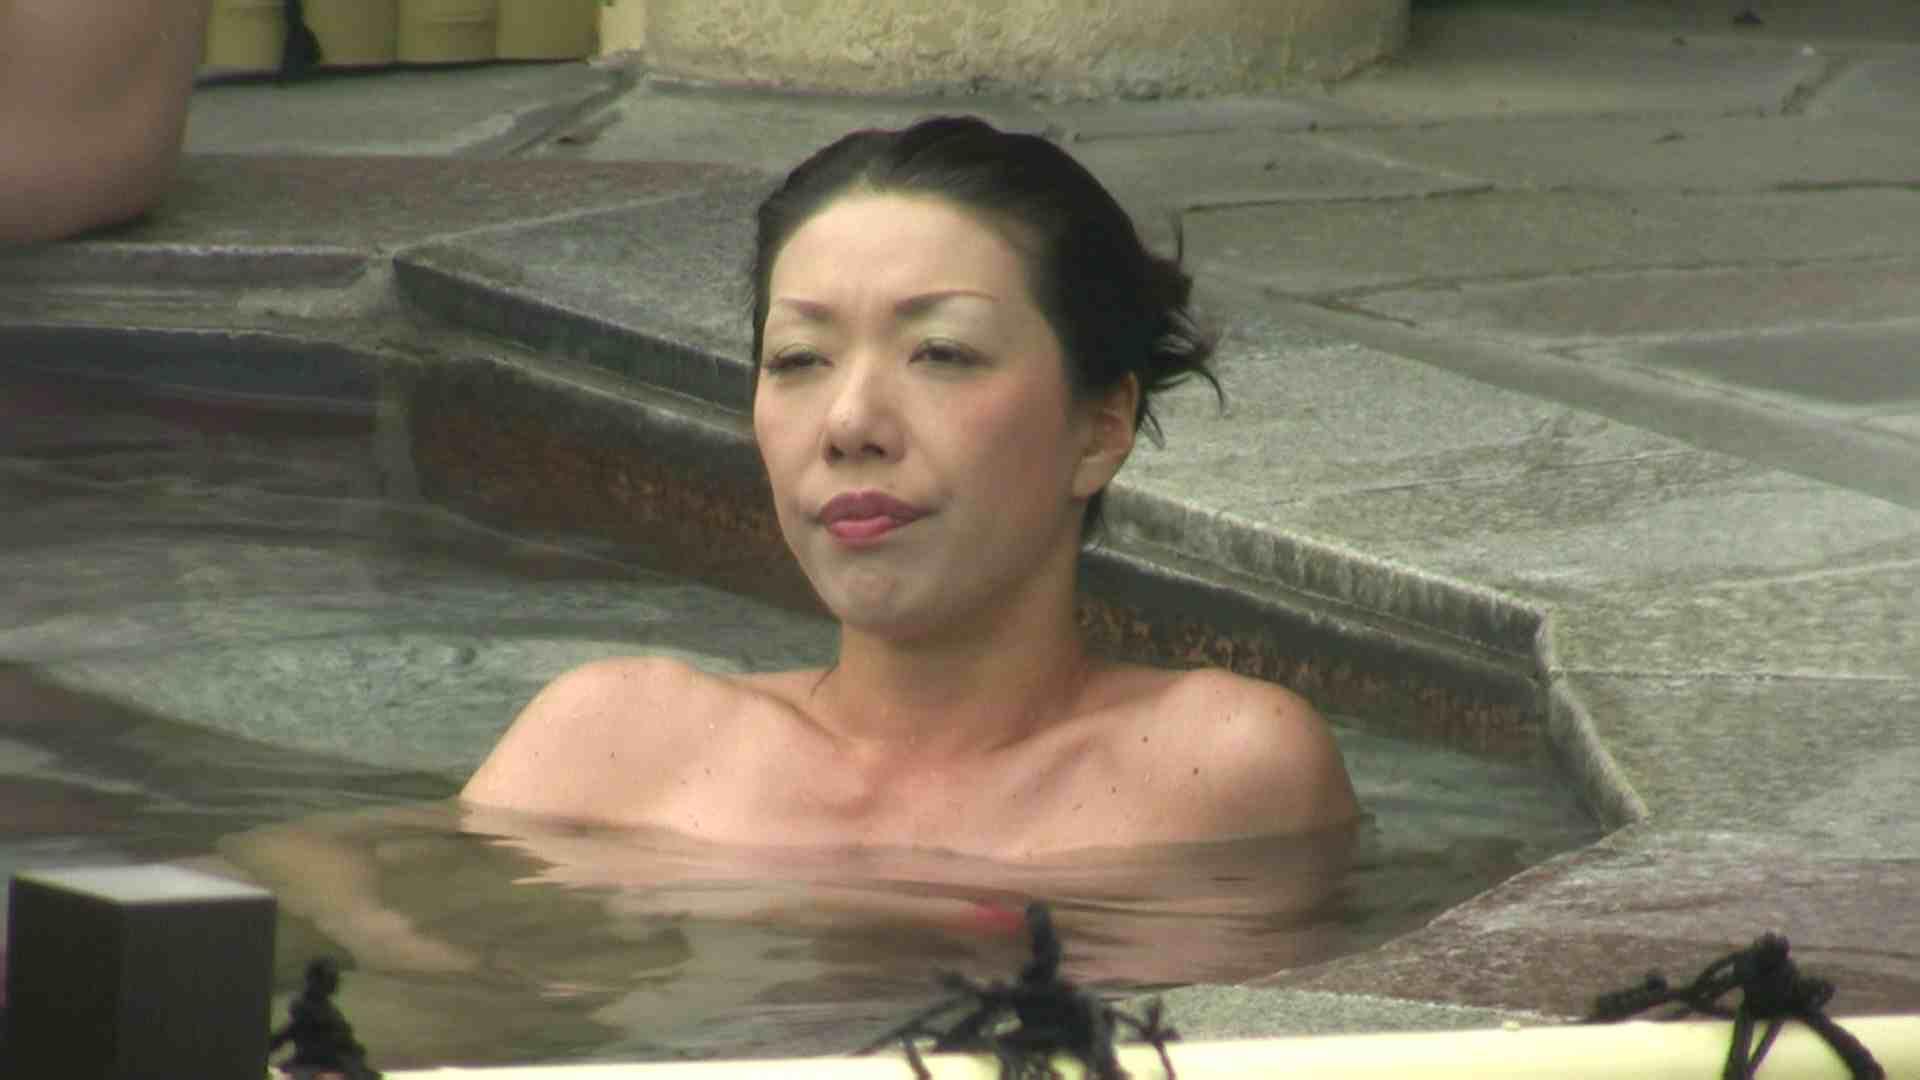 高画質露天女風呂観察 vol.036 高画質 | 女風呂  85pic 5